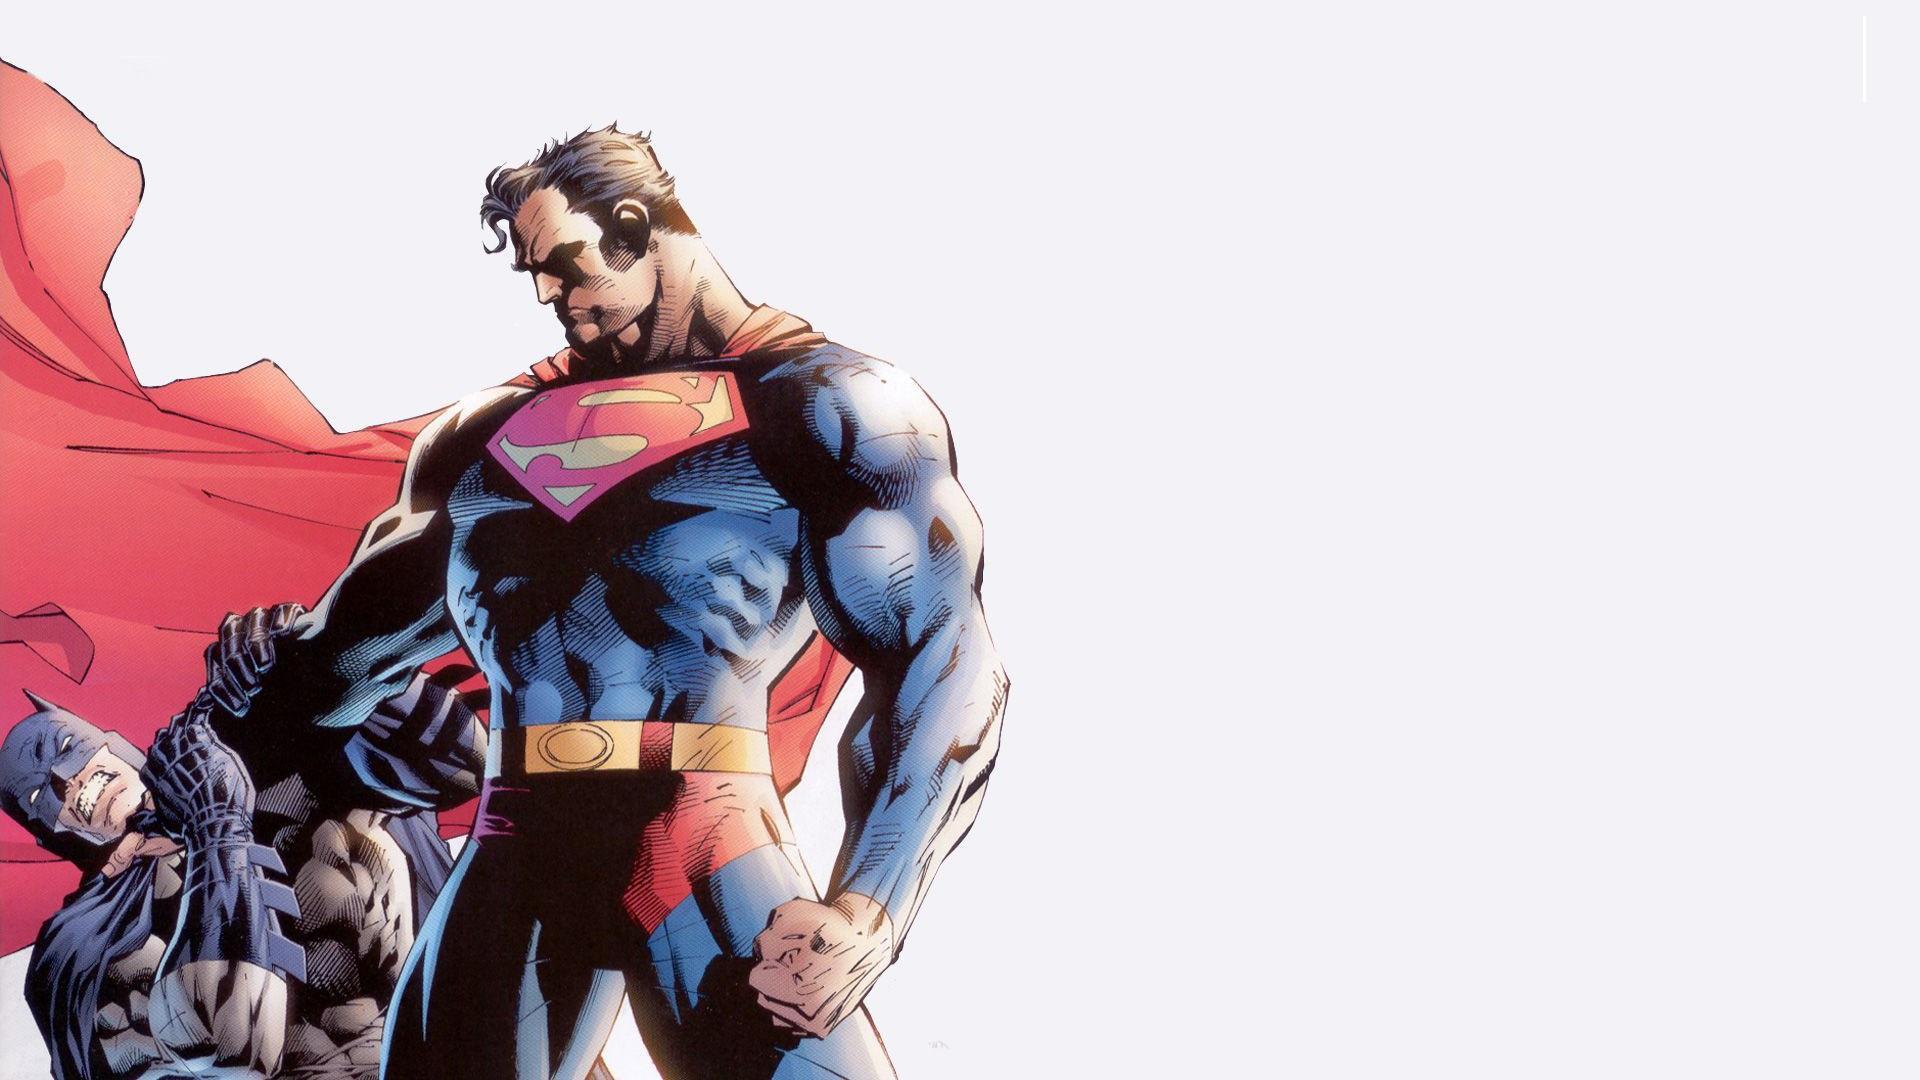 Batman Vs Superman HD Wallpapers Backgrounds 1920x1080